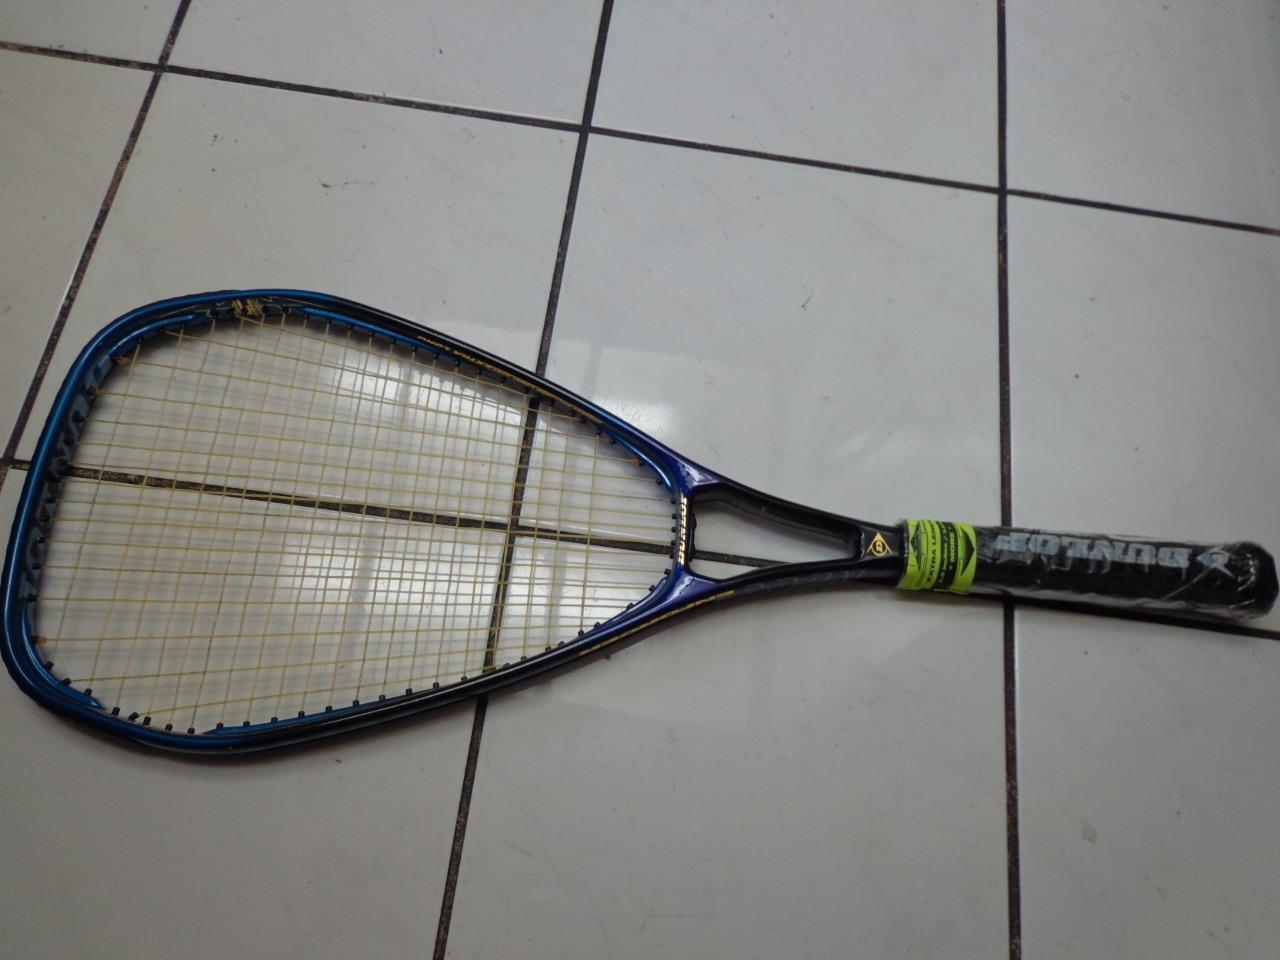 NEW RARE Dunlop MAX Enforcer Oversize 4 5 8 grip Tennis Racquet